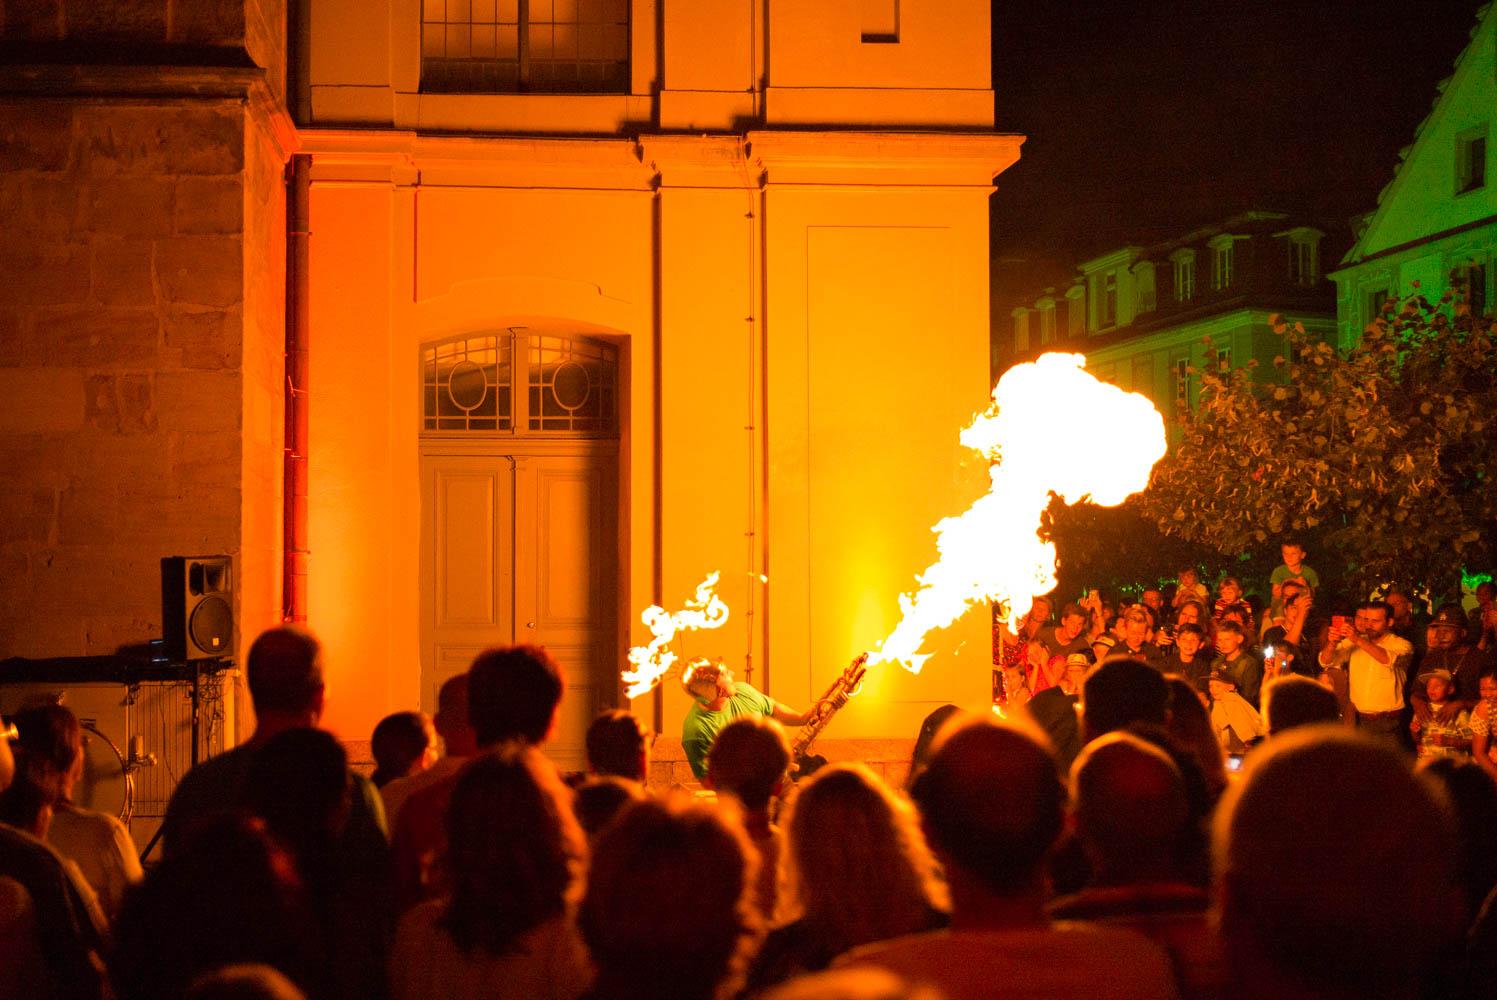 Feuerspeier bei Nacht.